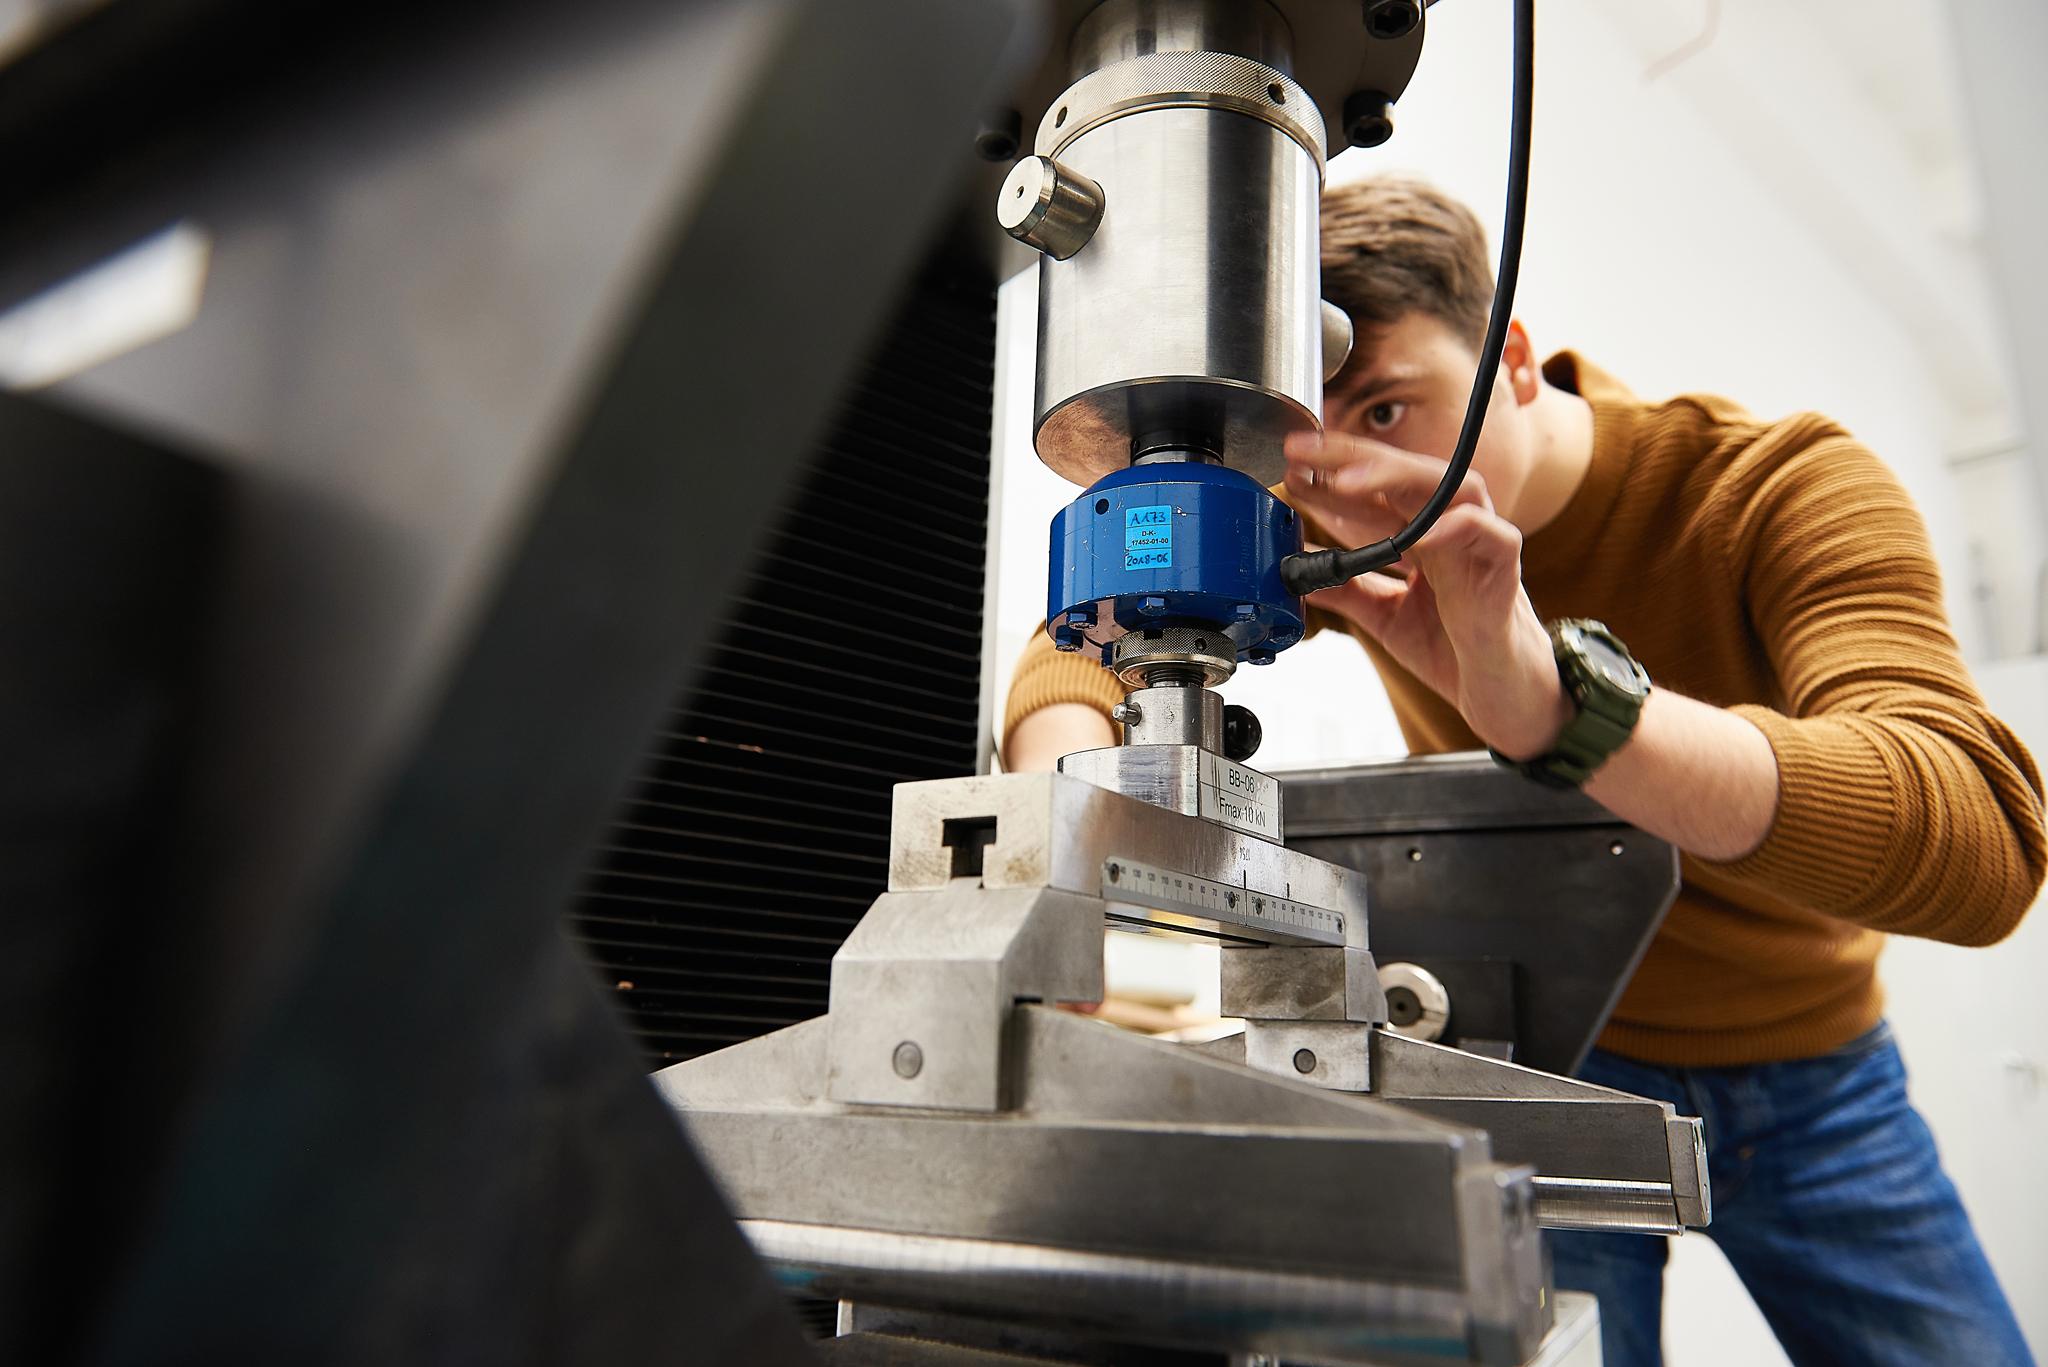 Montaż głowicy 10 kN oraz napór potrzebnych do przeprowadzenia badania czteropunktowego zginania statycznego wraz z modułem sprężystości